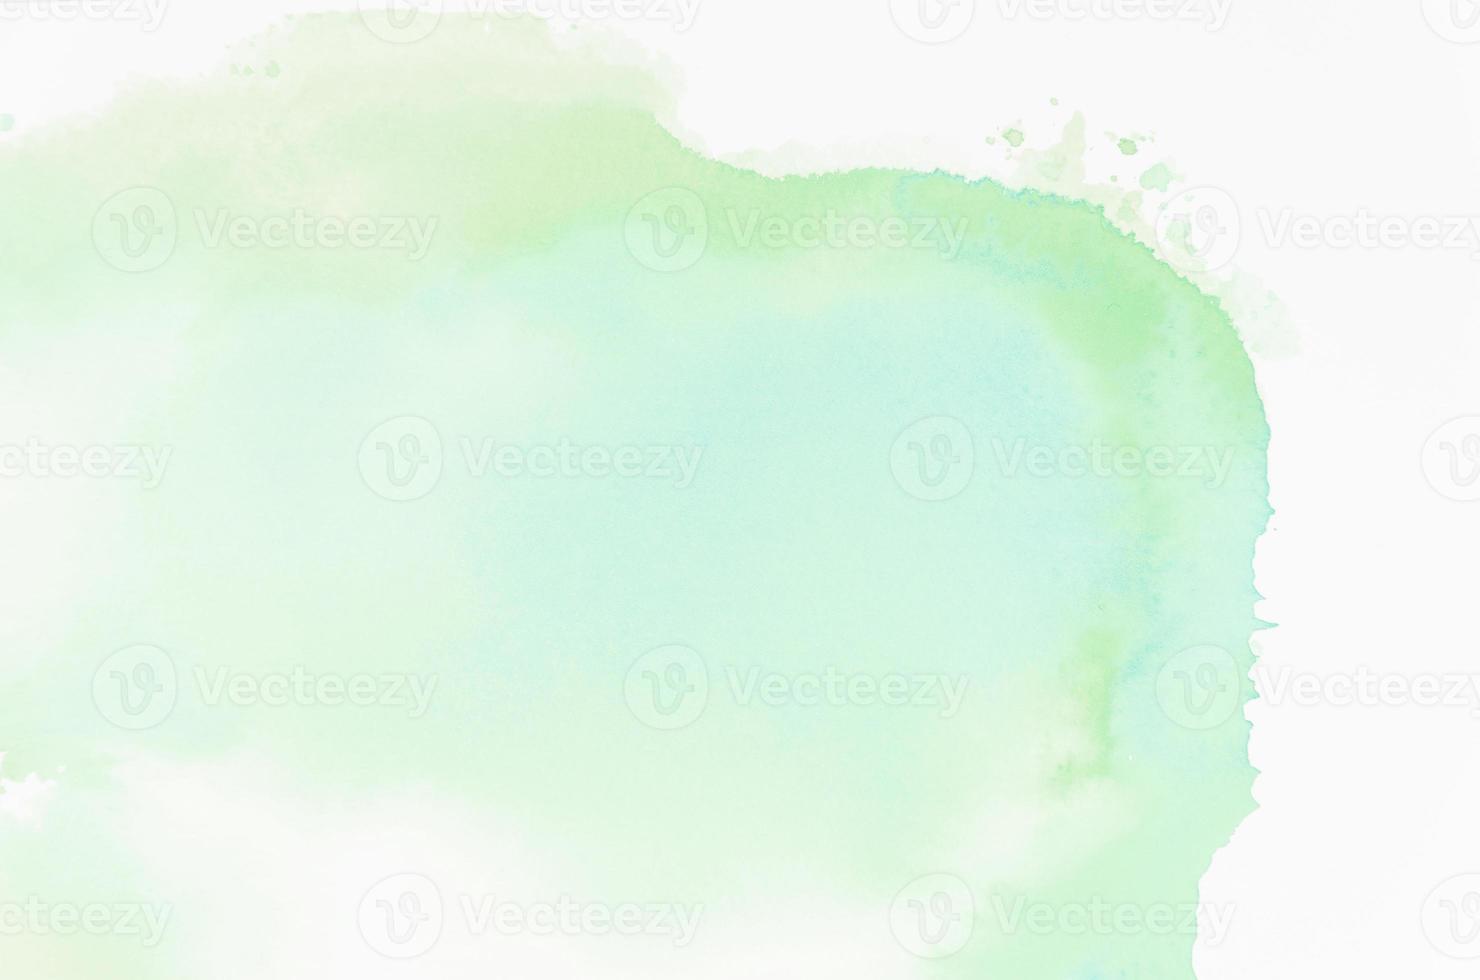 fond de texture aquarelle abstraite verte photo